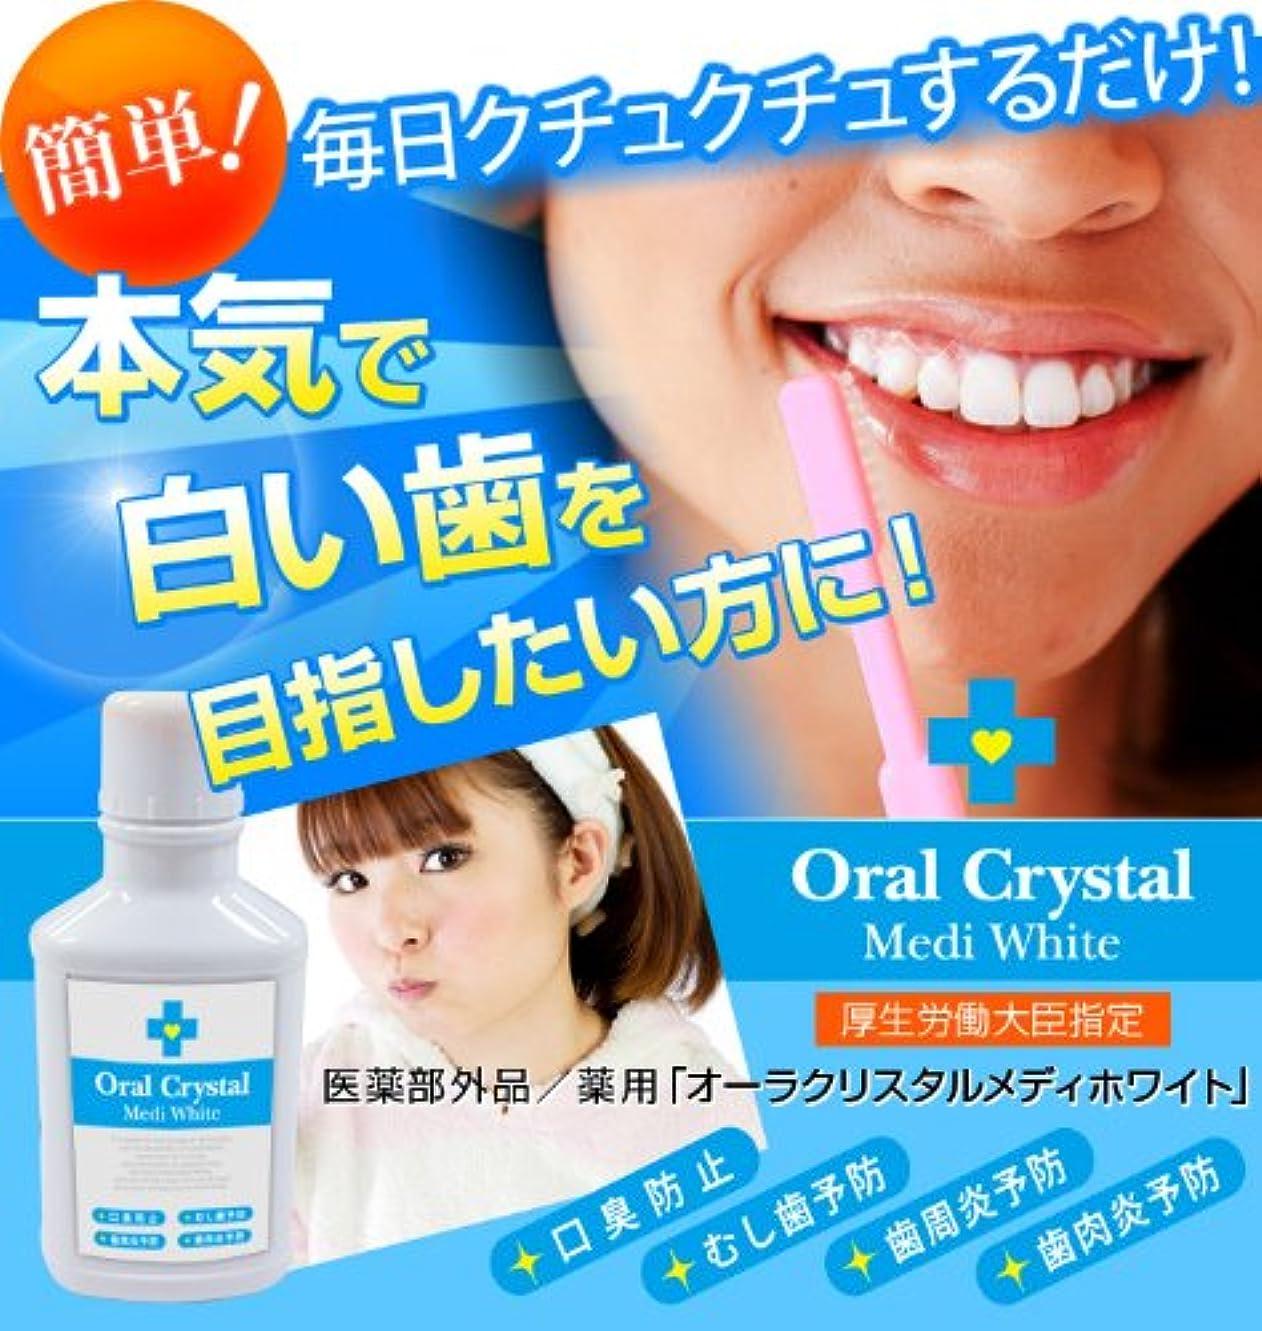 オーラクリスタル メディホワイト(口臭予防ホワイトニング 薬用マウスウォッシュ)医薬部外品